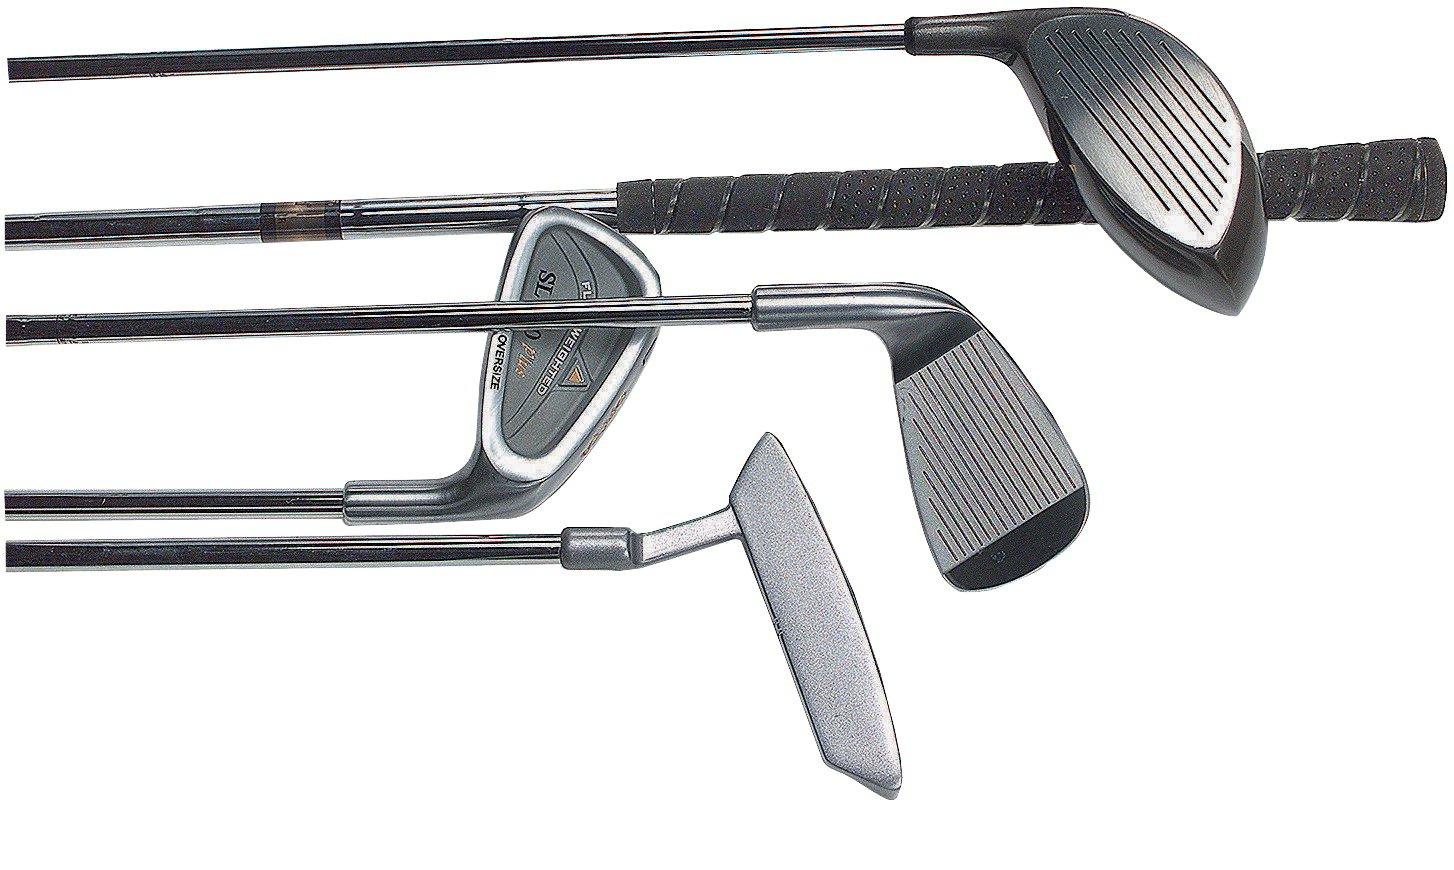 School Specialty Left-Handed No 9 Golf Club